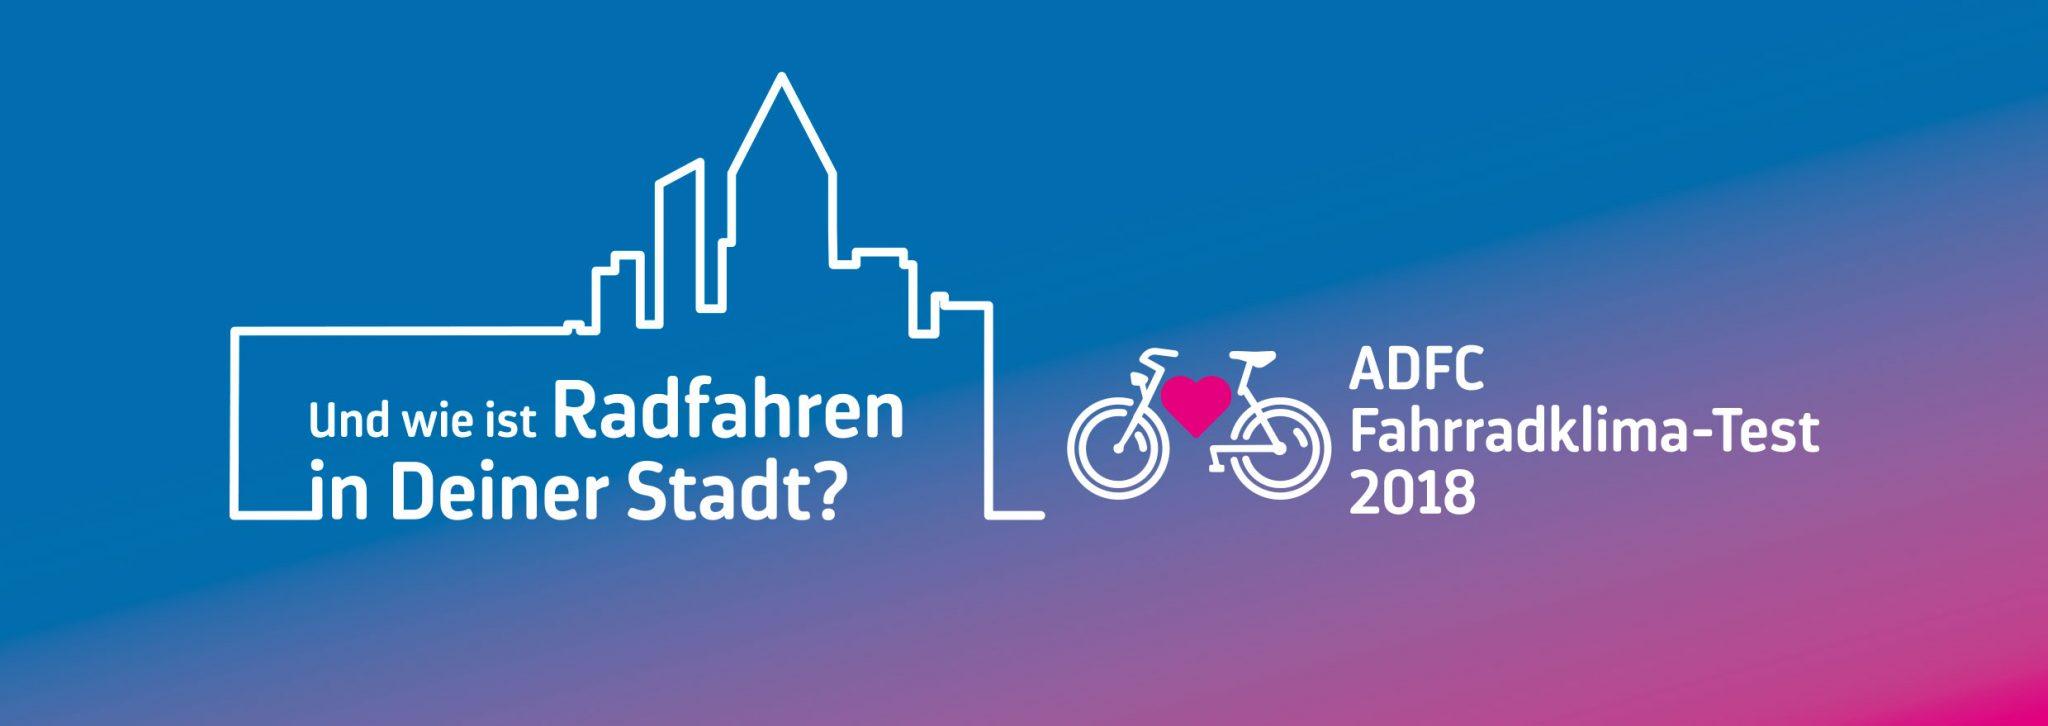 Banner ADFC Fahrradklima-Test